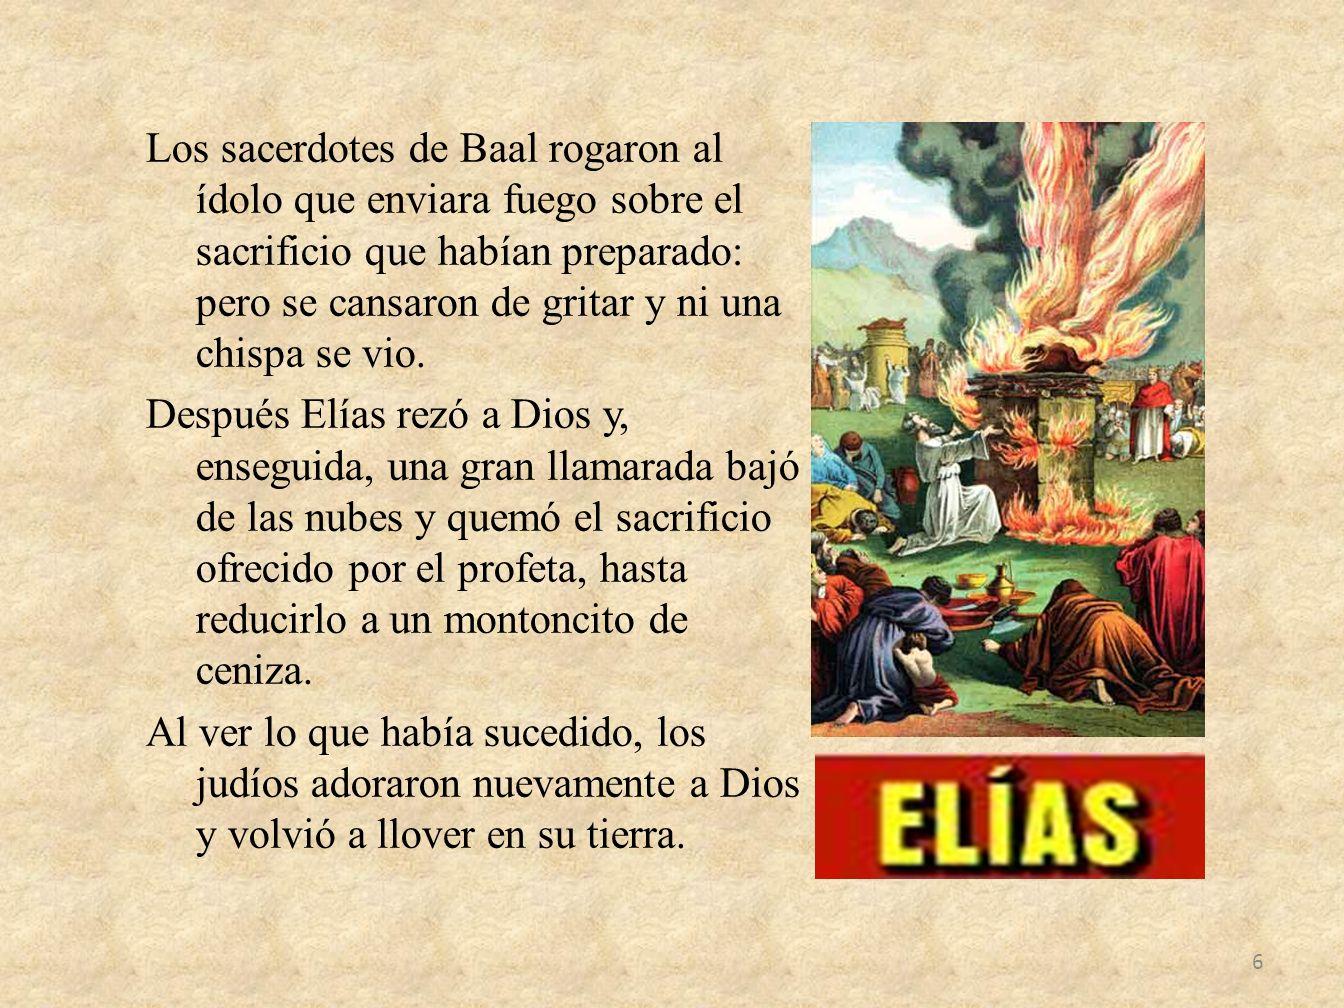 Los sacerdotes de Baal rogaron al ídolo que enviara fuego sobre el sacrificio que habían preparado: pero se cansaron de gritar y ni una chispa se vio.